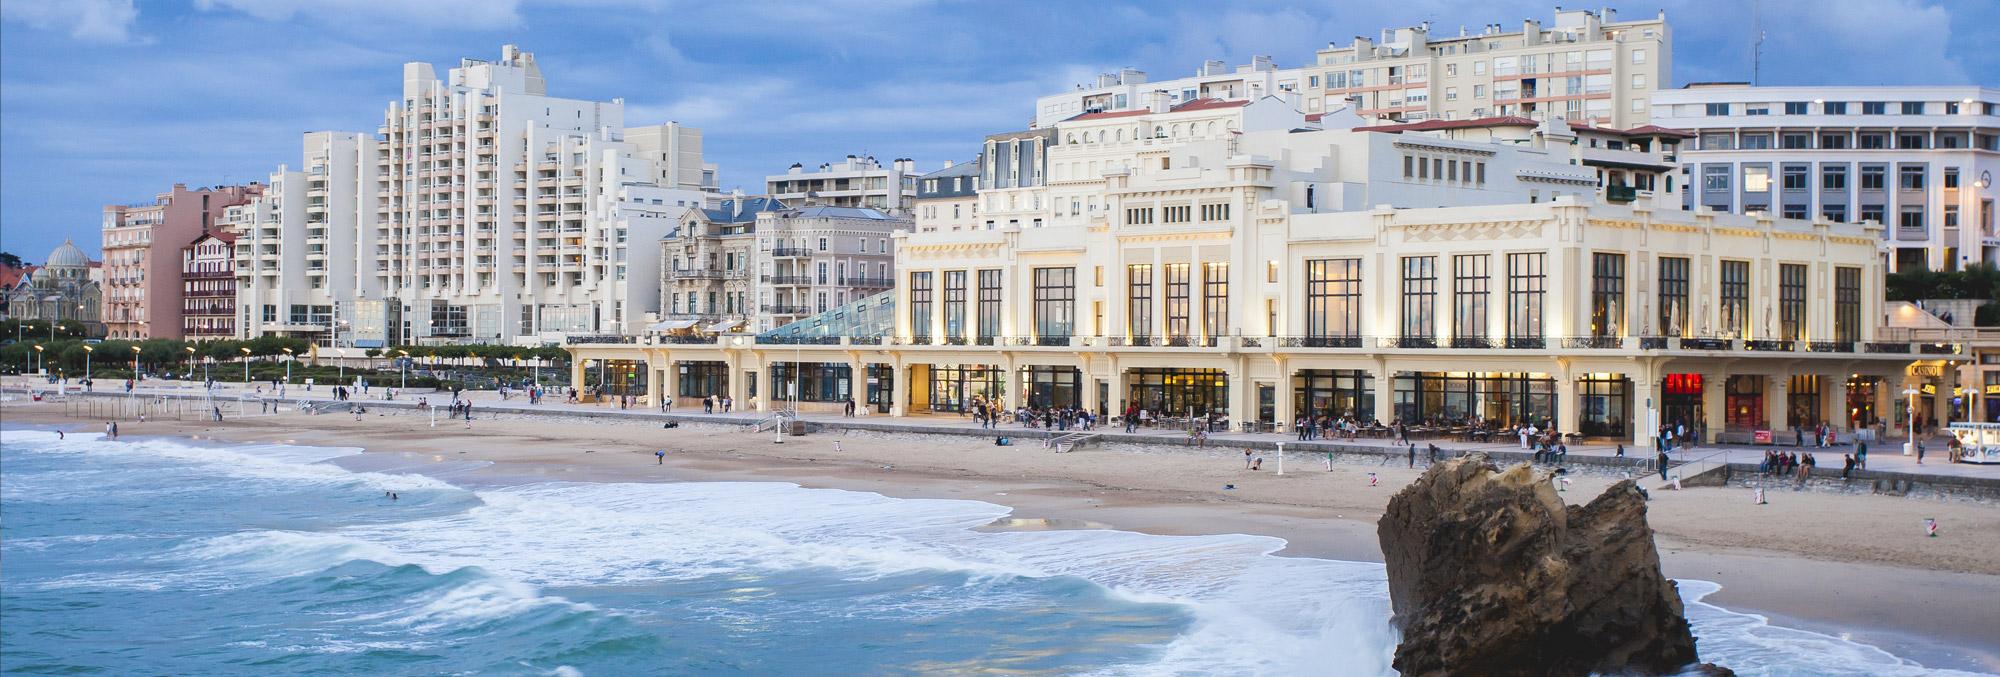 que ver y hacer en biarritz